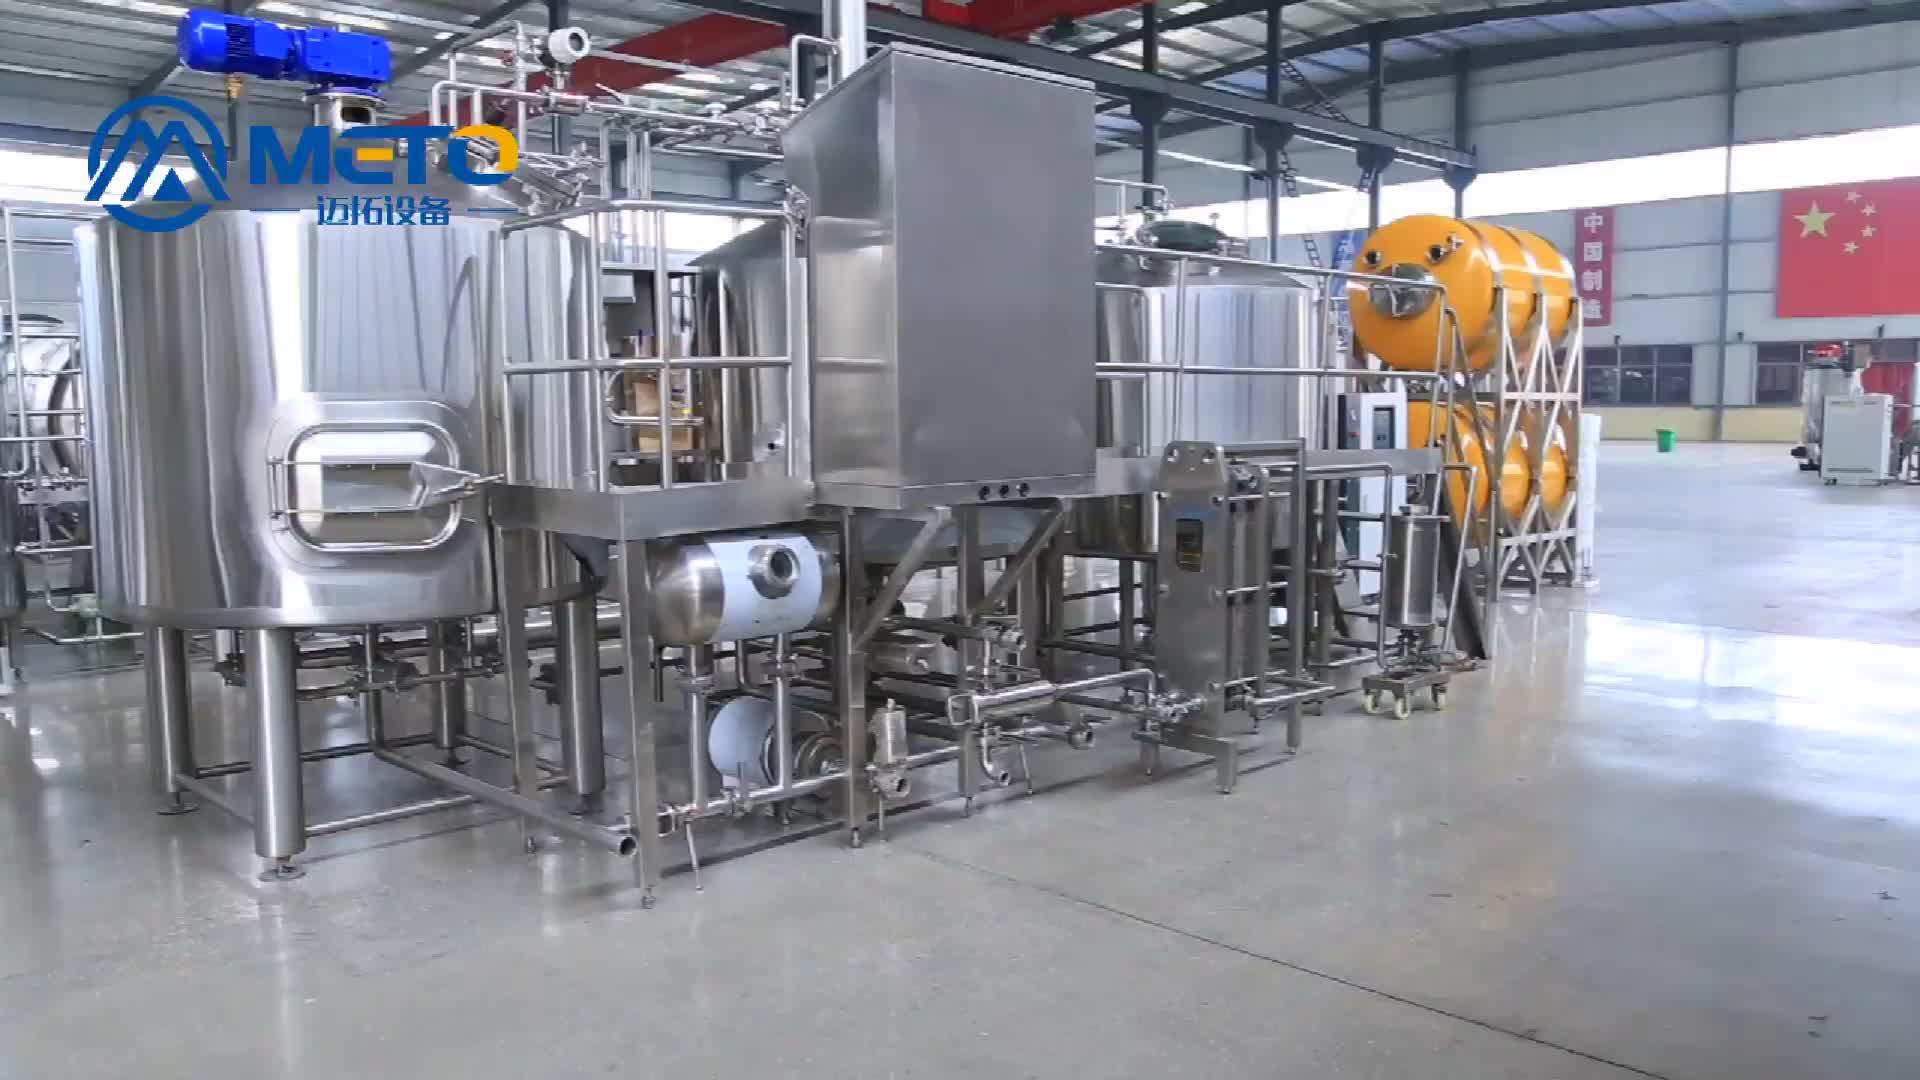 200l 300l 500l छोटे शराब की भठ्ठी संयुक्त 3 वाहिकाओं brewhouse प्रणाली माइक्रो शराब की भठ्ठी संयंत्र